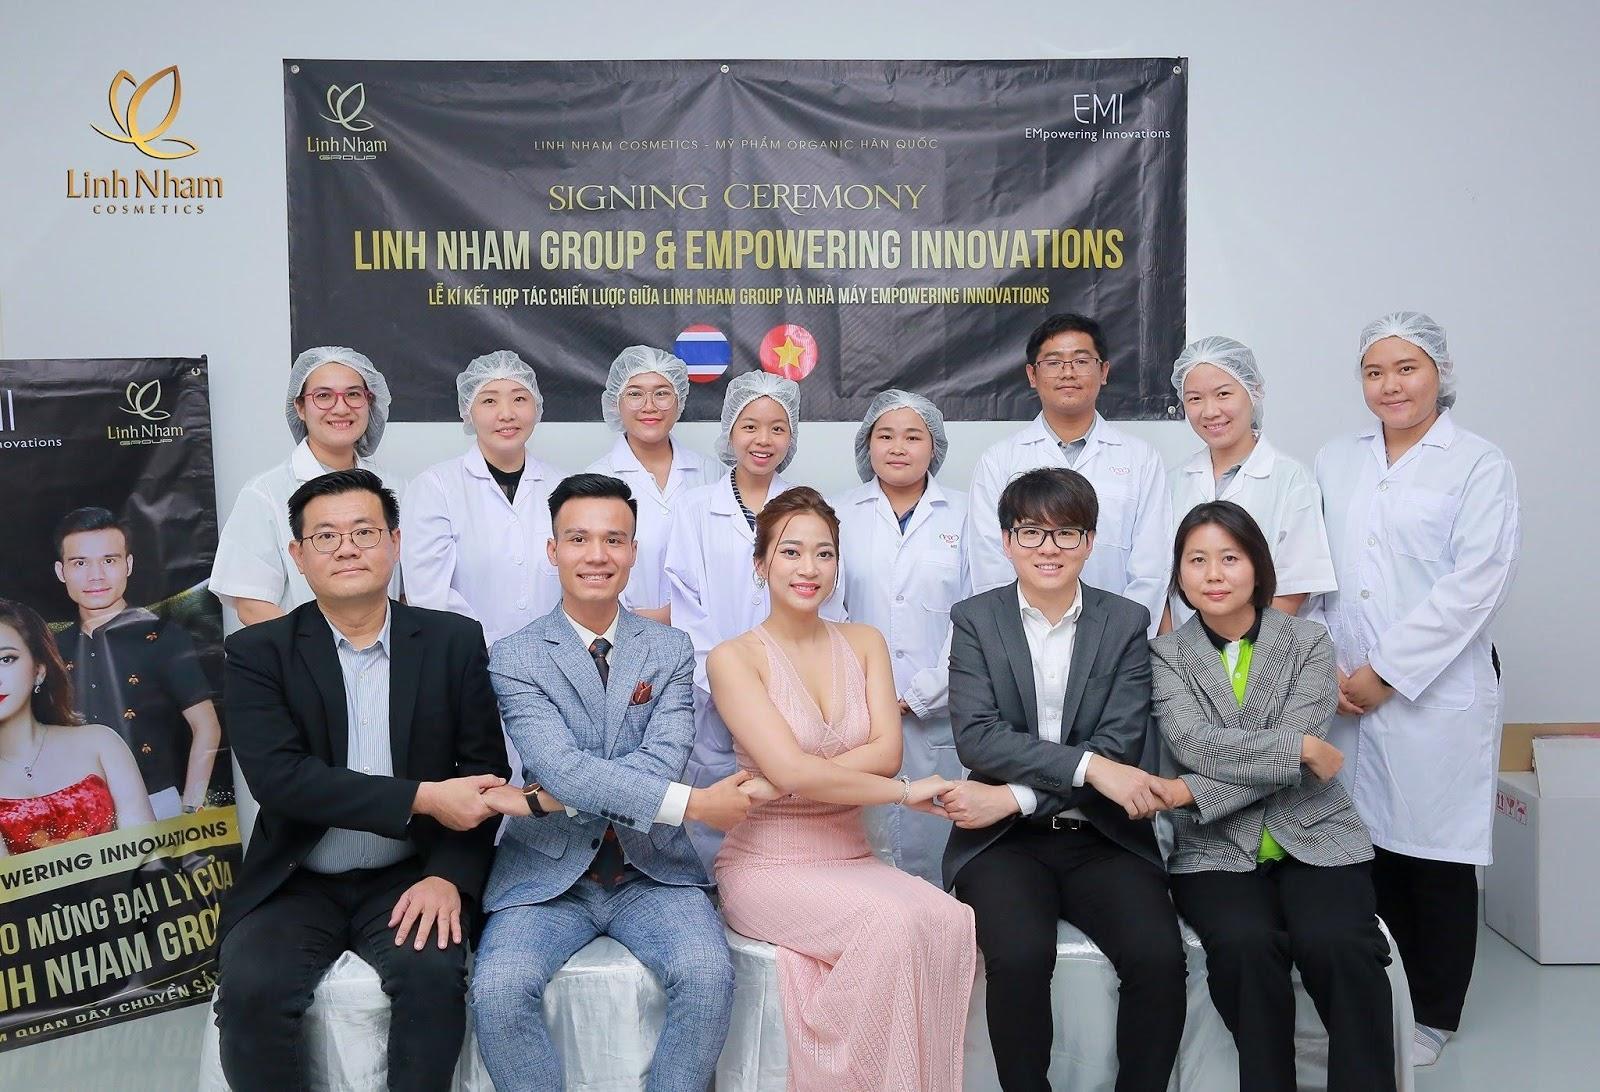 Linh Nham Group ký kết hợp tác với Viện thẩm mỹ quốc tế Han Beauty - Ảnh 5